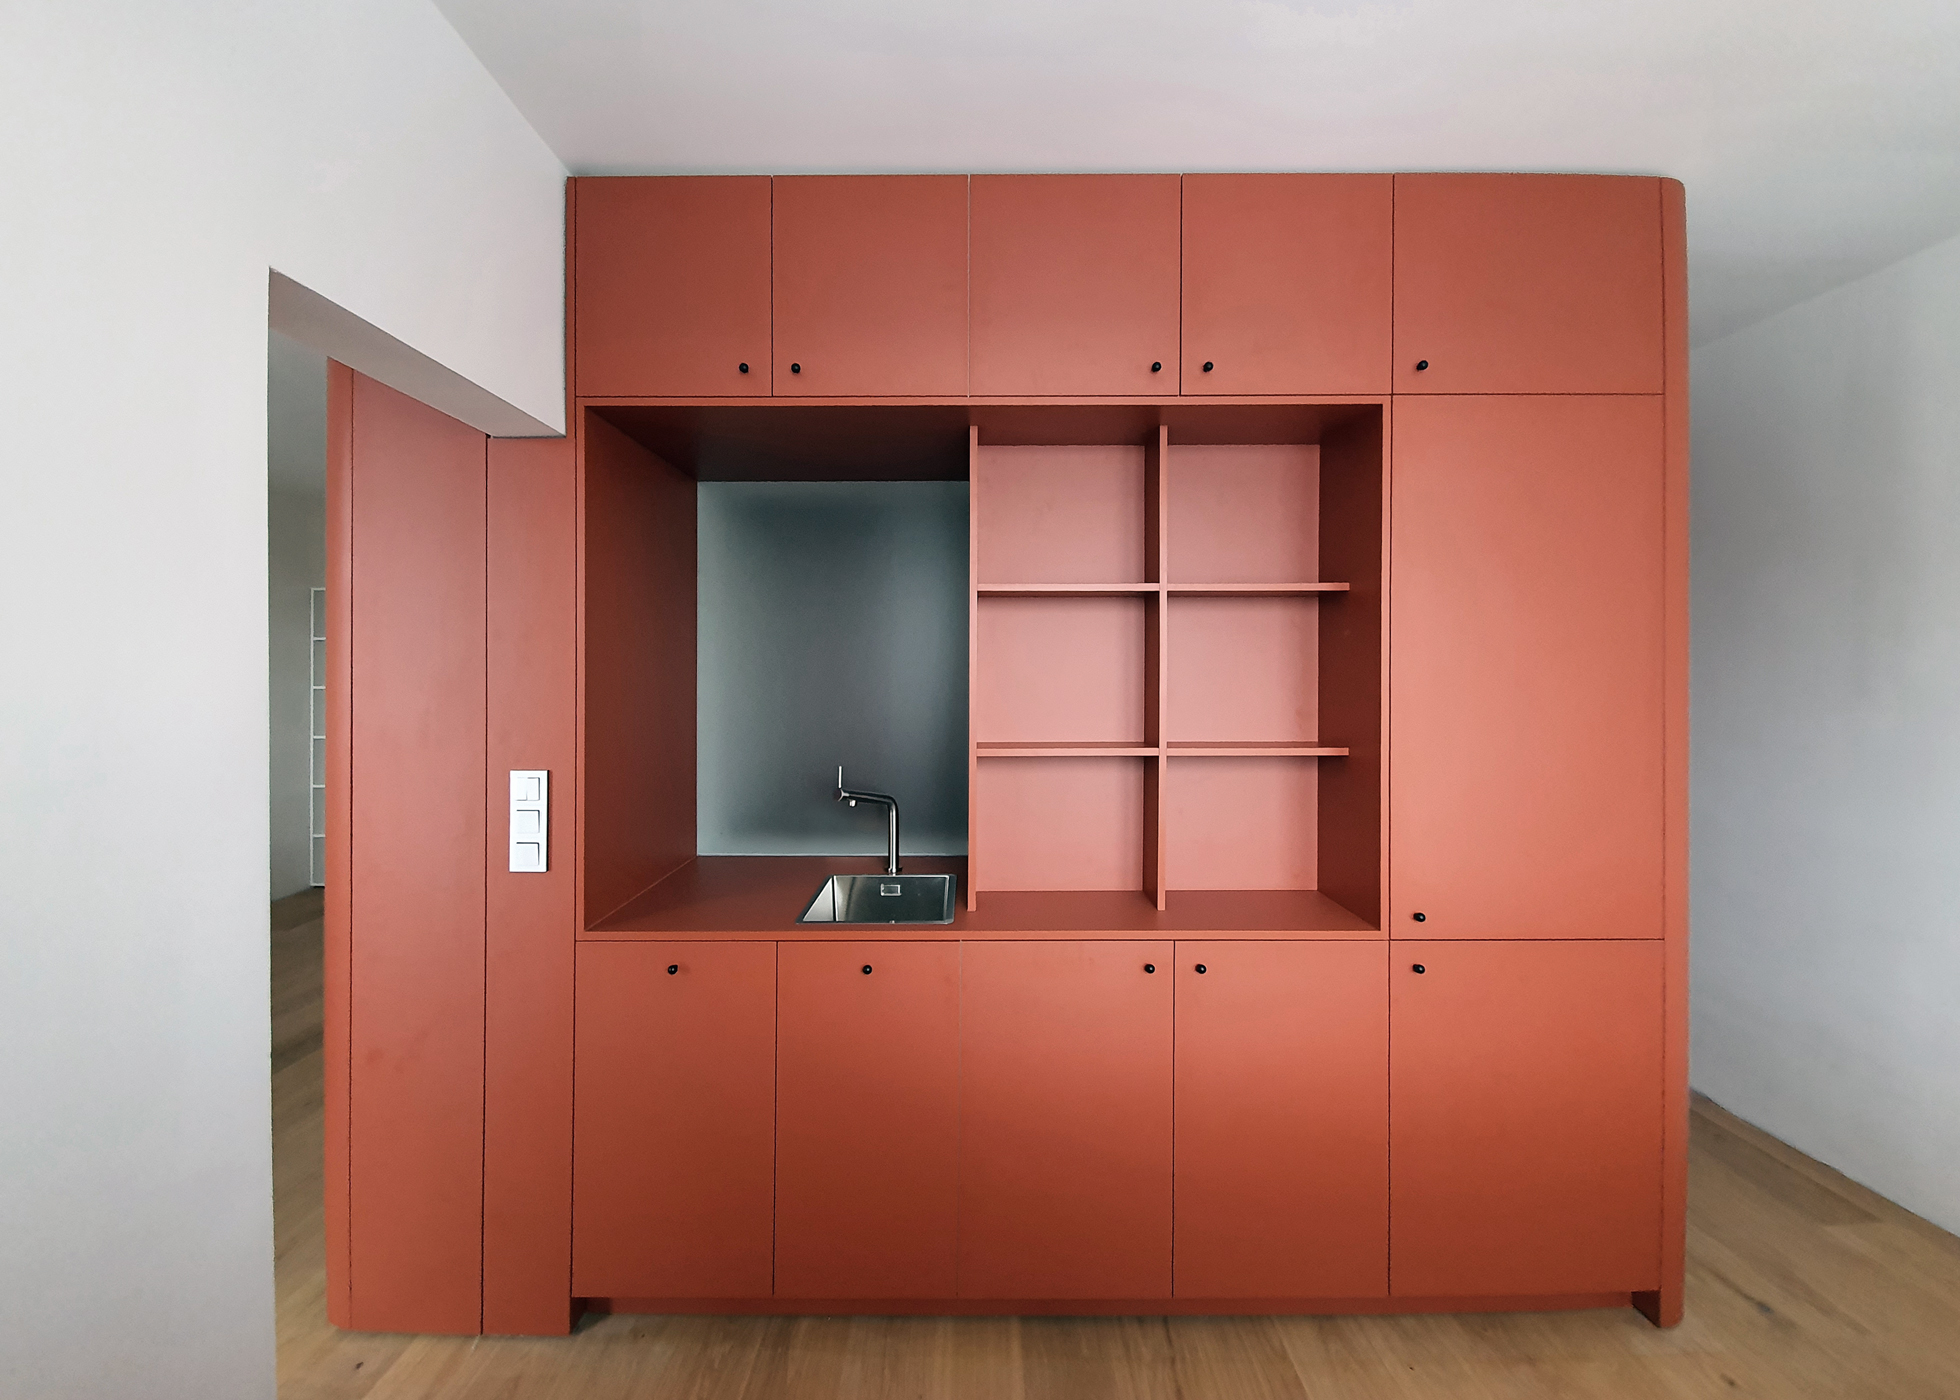 noiz-architekti-interier-byt-lotysska-real-02